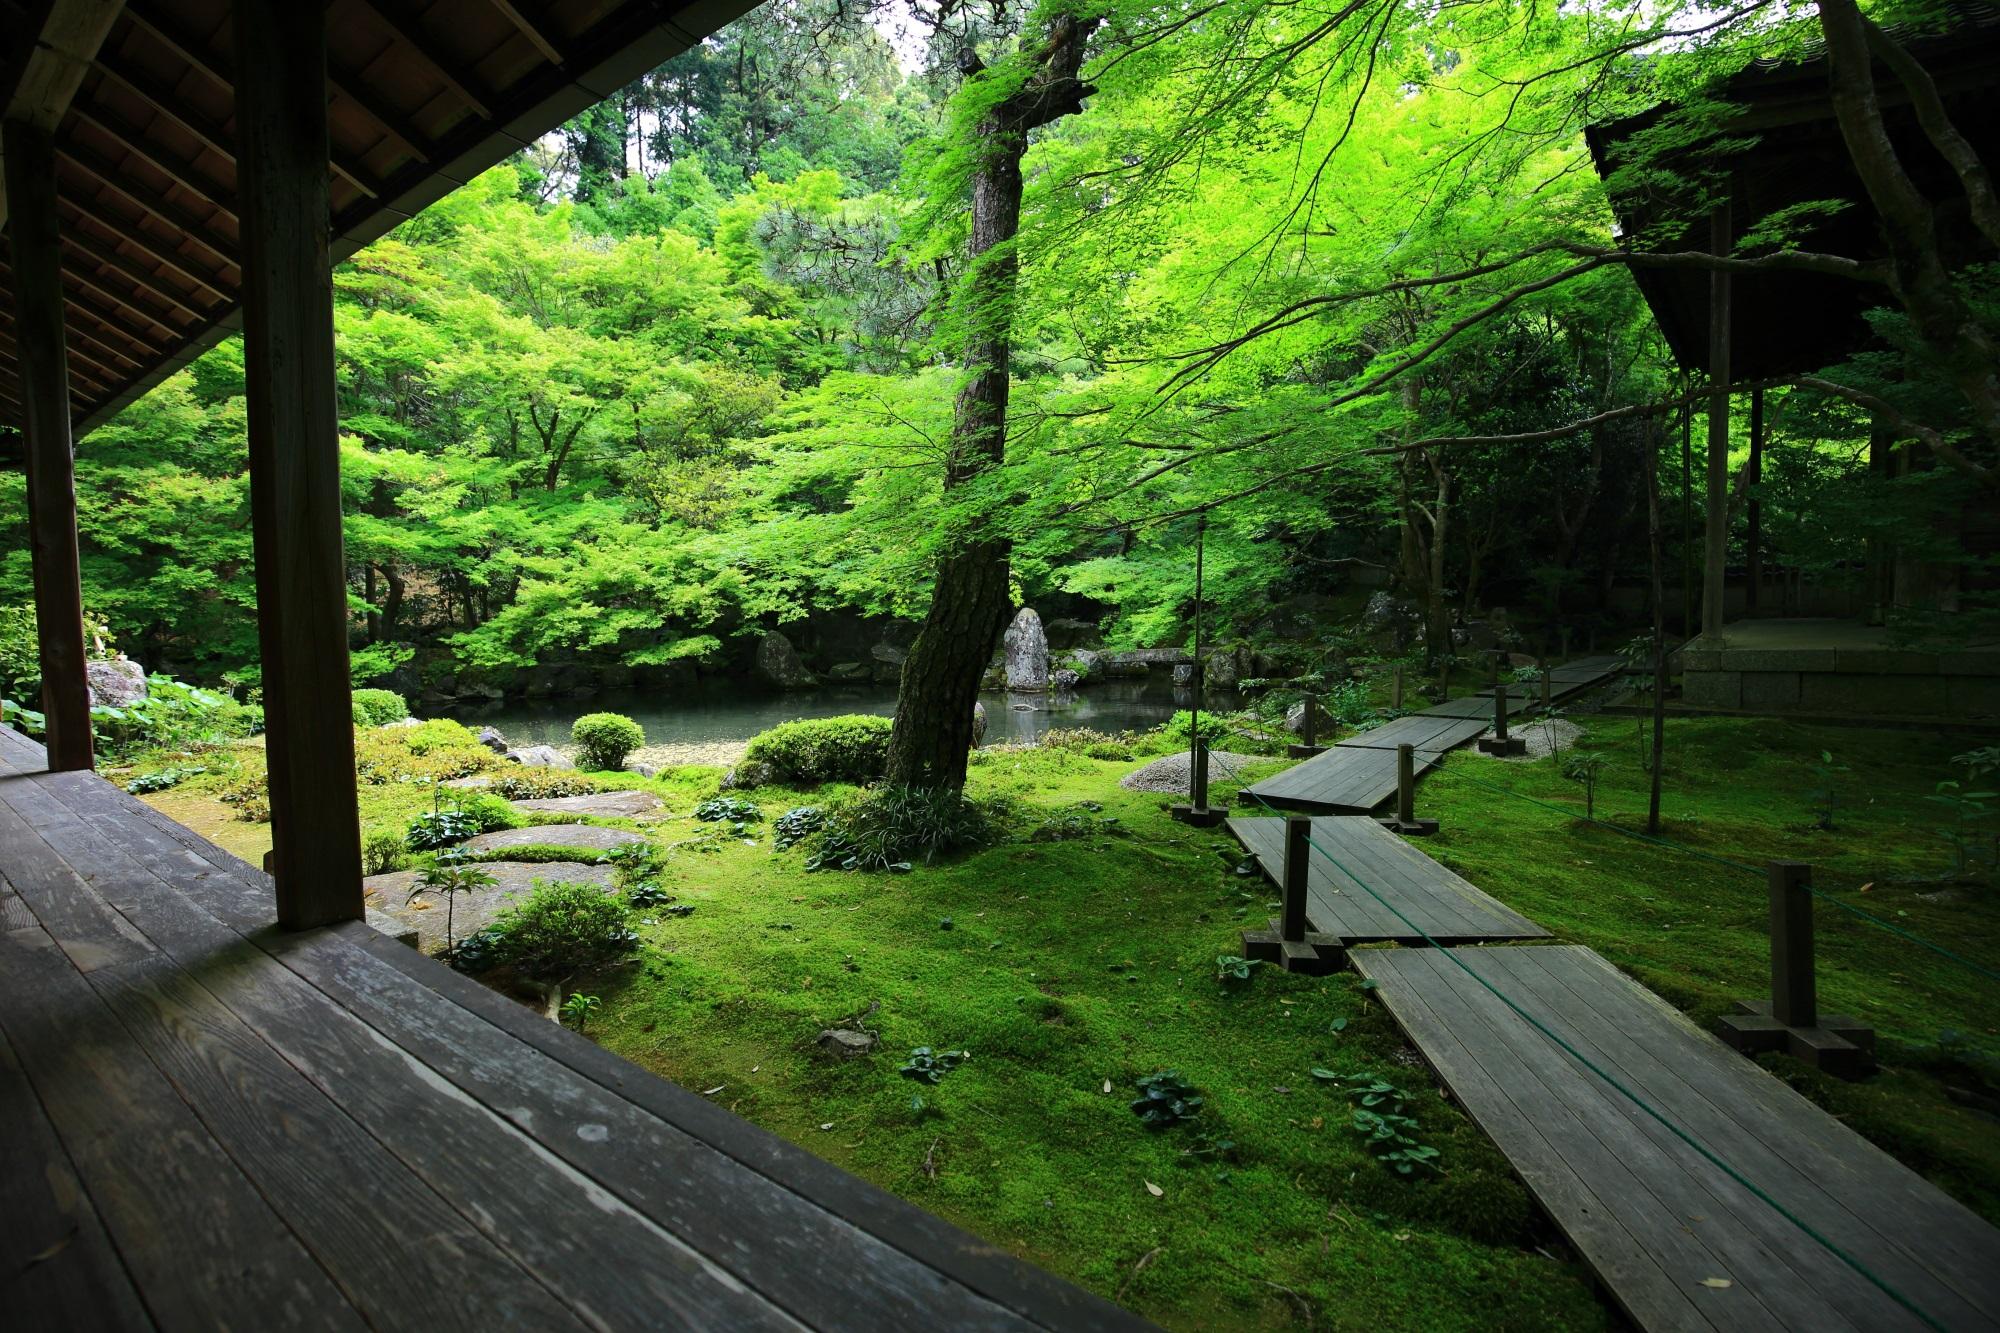 れんげじ 青もみじ 苔 庭園 緑